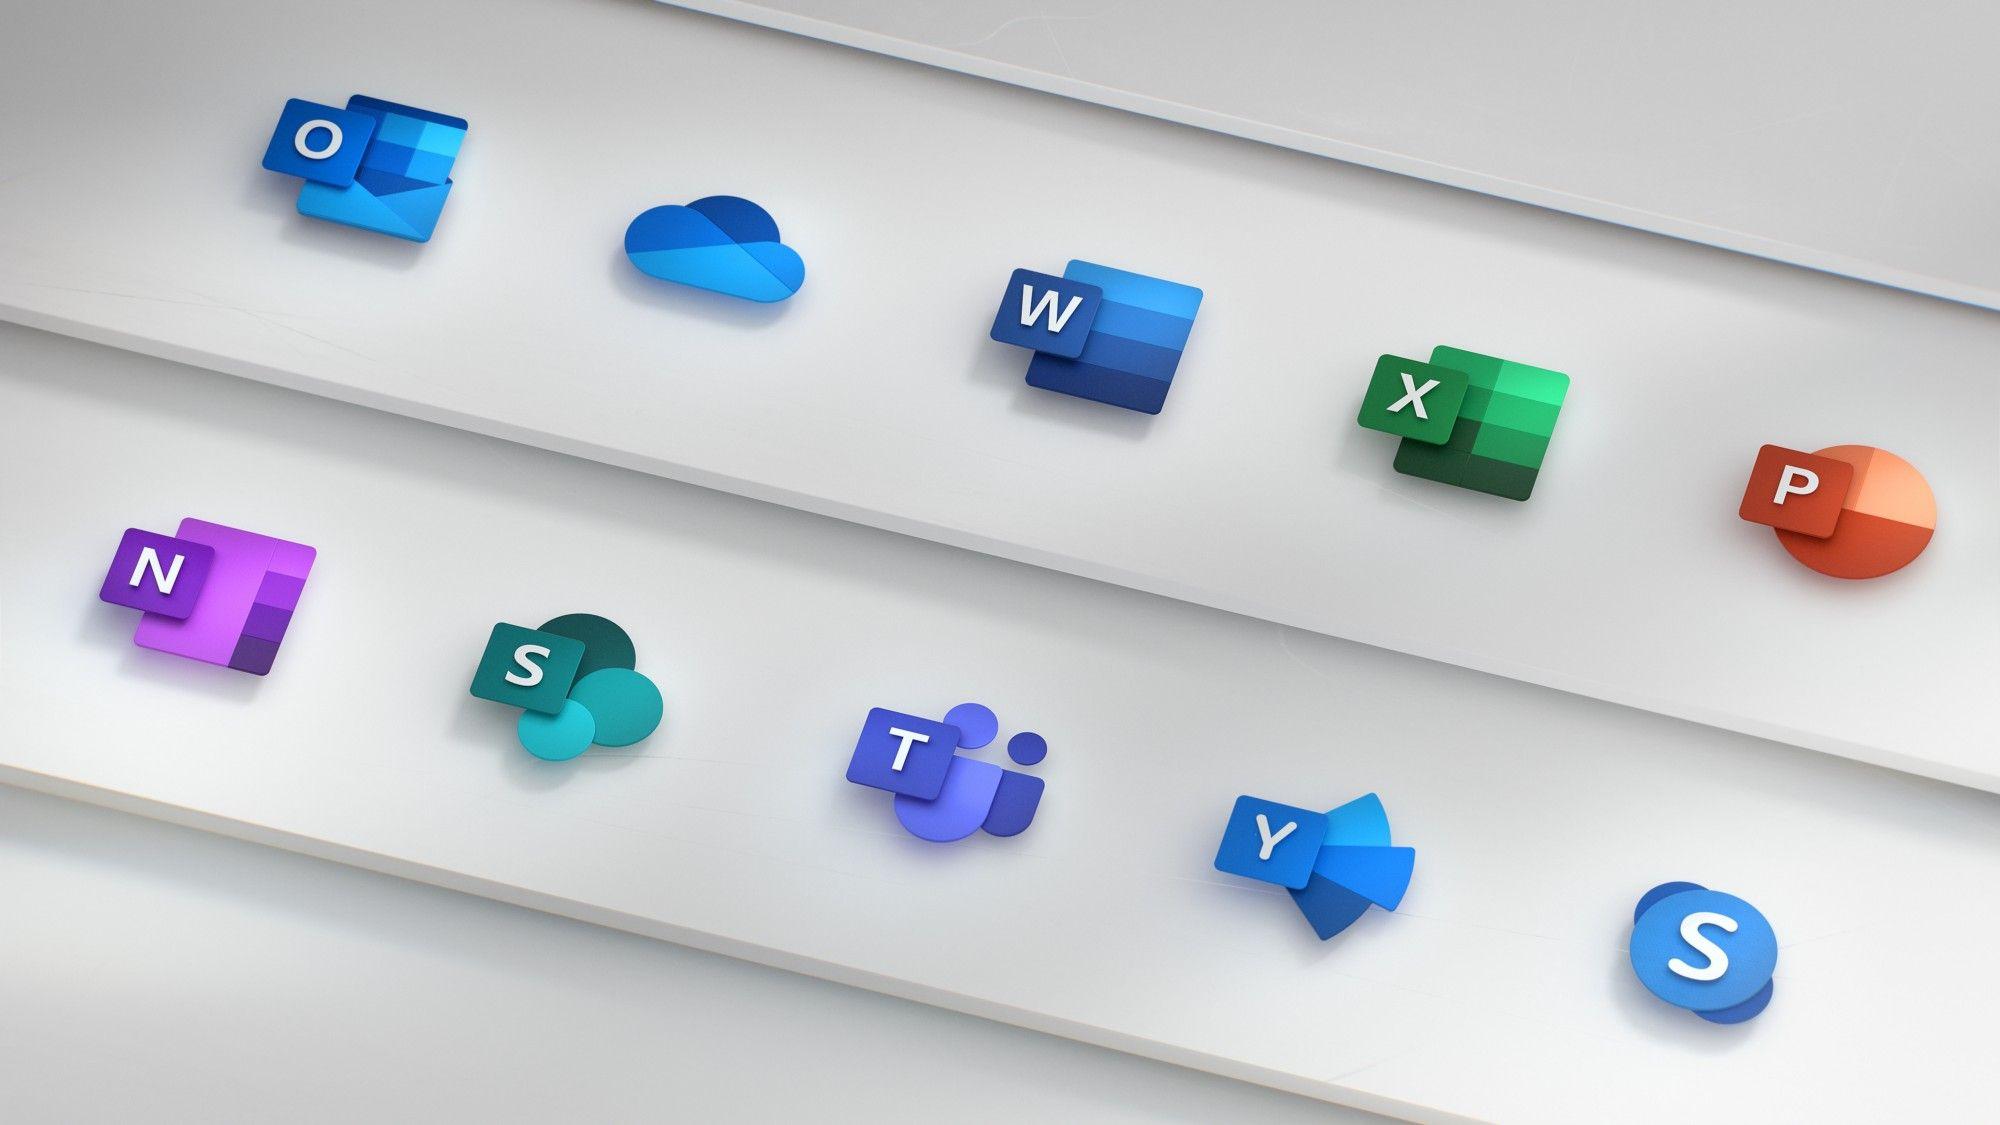 Microsoft Office icones 2018